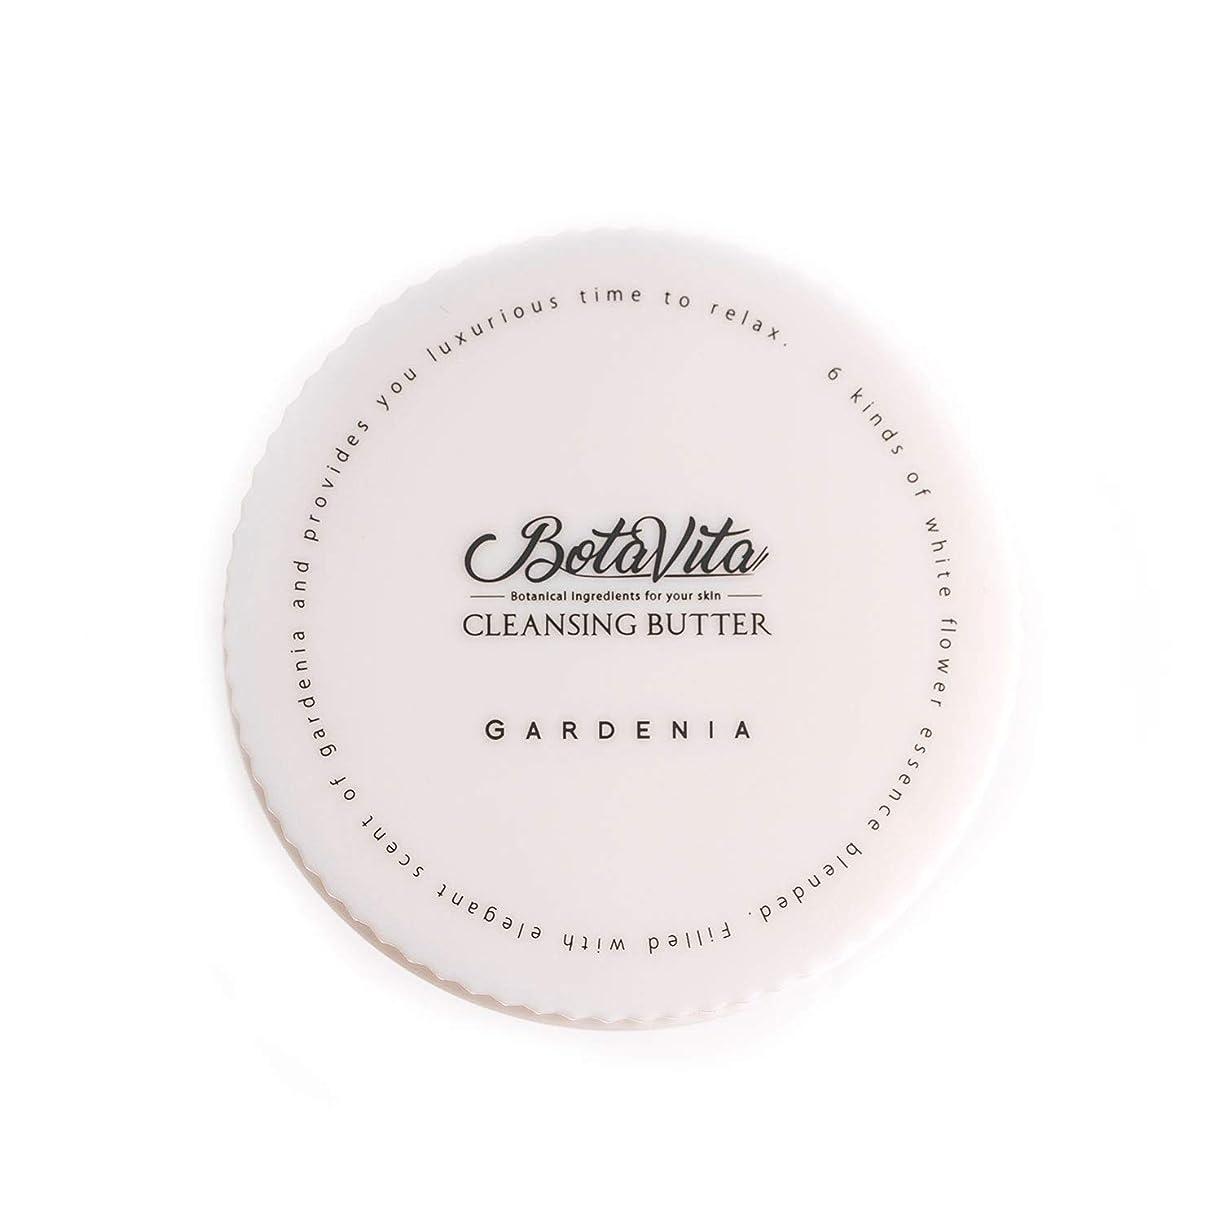 あいまいな専門知識フラップBotaVita ボタヴィータ クレンジングバター (ガーデニア) 80g 約40日分 ダブル洗顔不要  マツエクOK 保湿ケア 毛穴汚れオフ